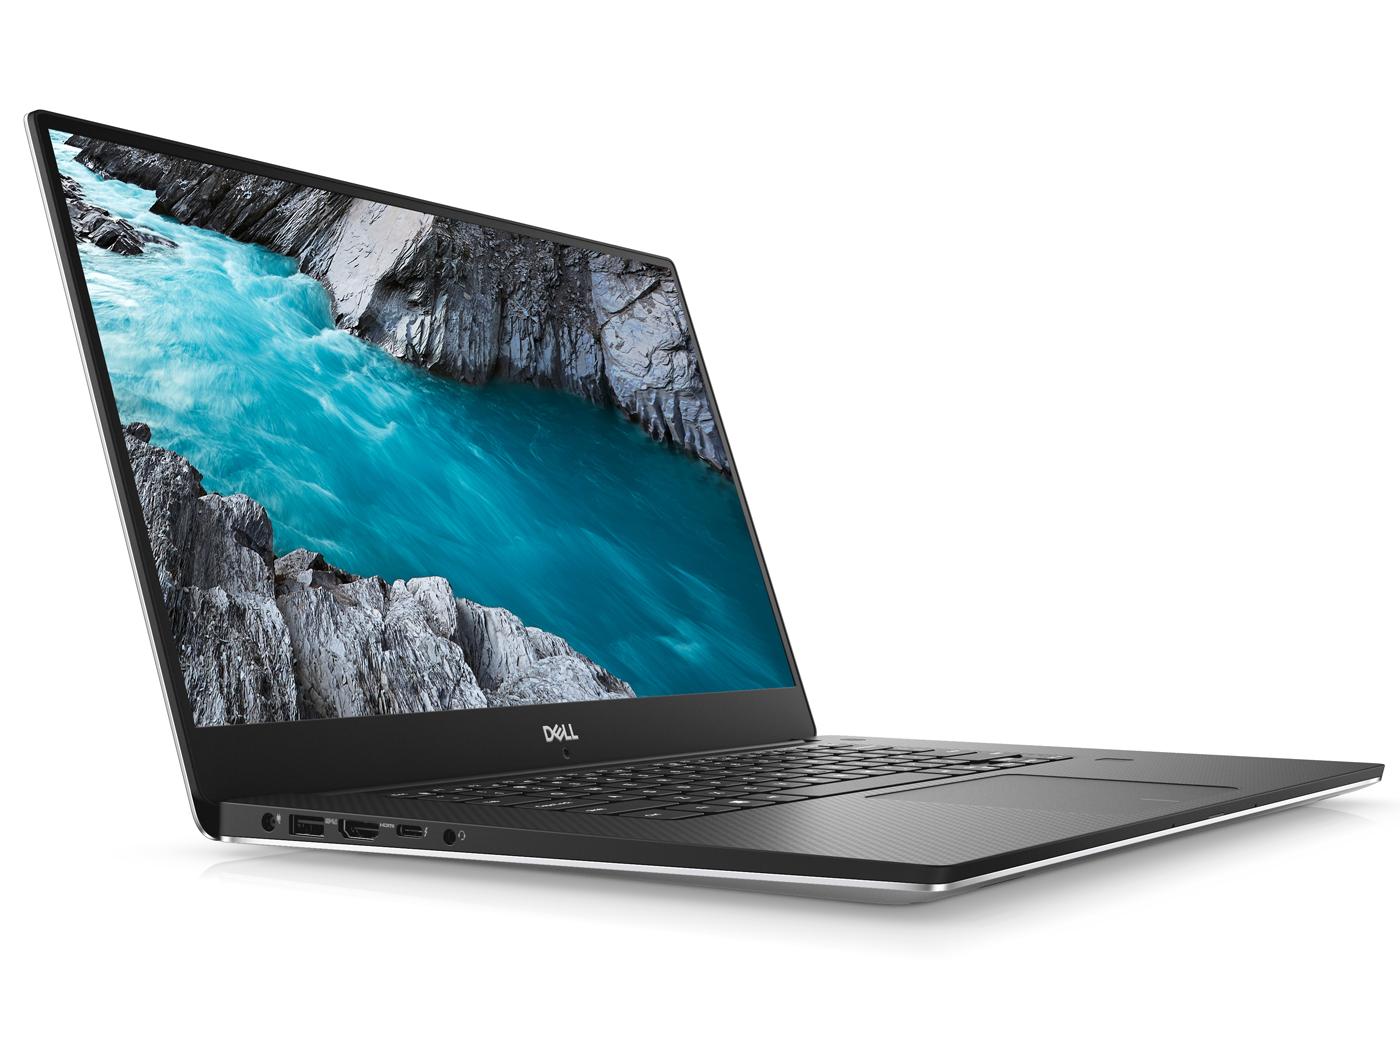 49aa513a838a Dell XPS 15 2018 9570 (8300H, GTX 1050, 97Wh) Laptop rövid értékelés -  Notebookcheck Magyarország